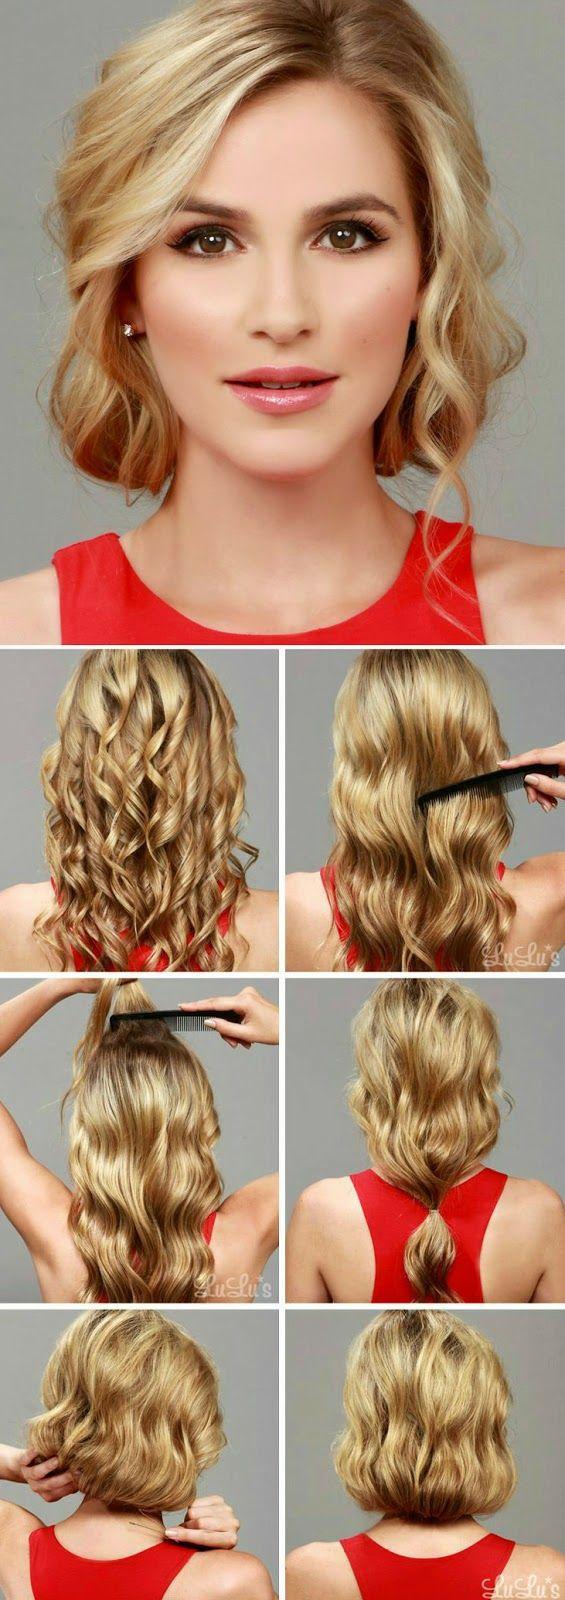 Идея причесок на средние волосы